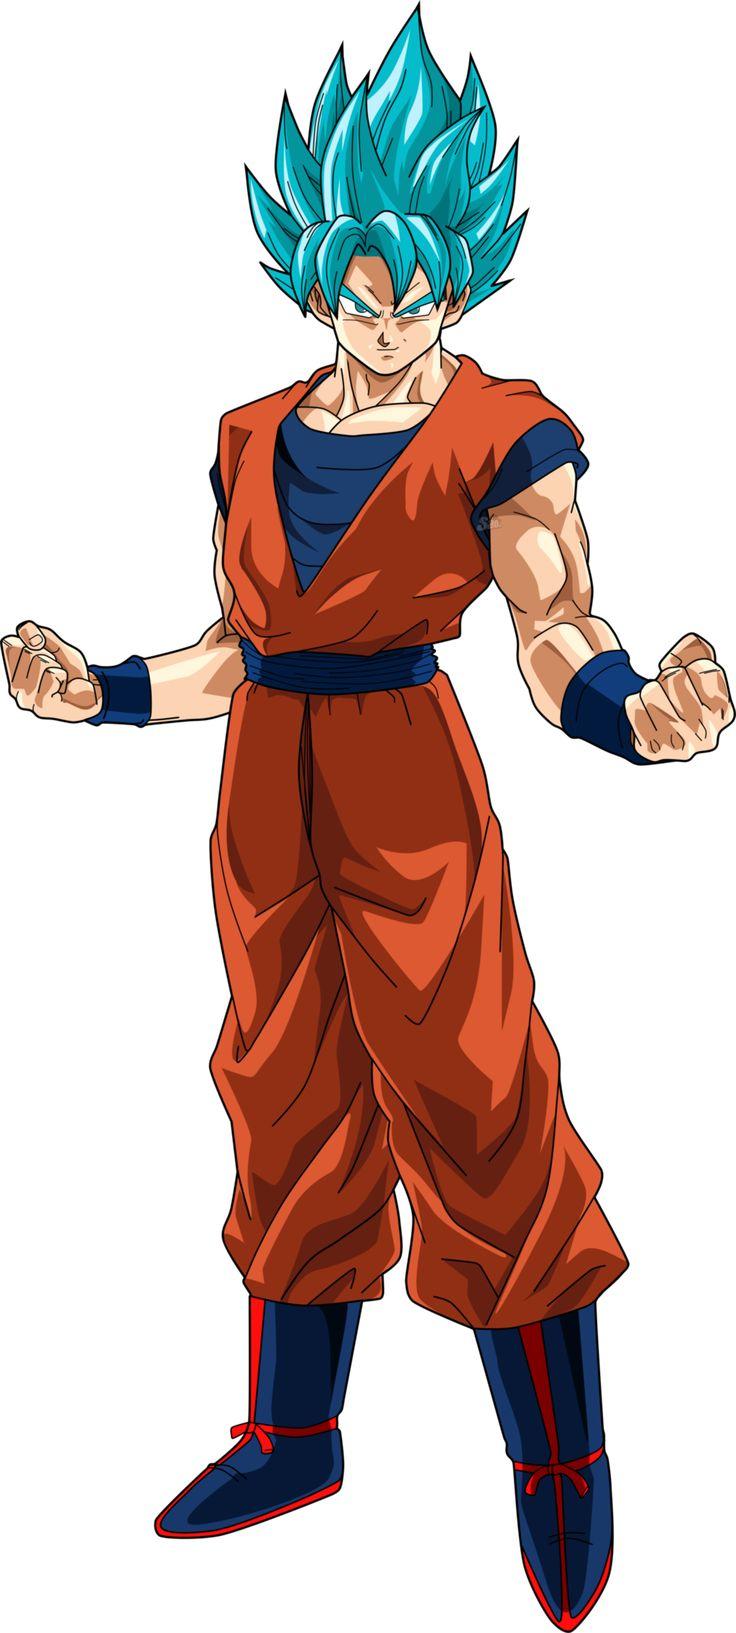 Goku ssgss power 14 by saodvd on deviantart goku - Son goku dragon ball z ...